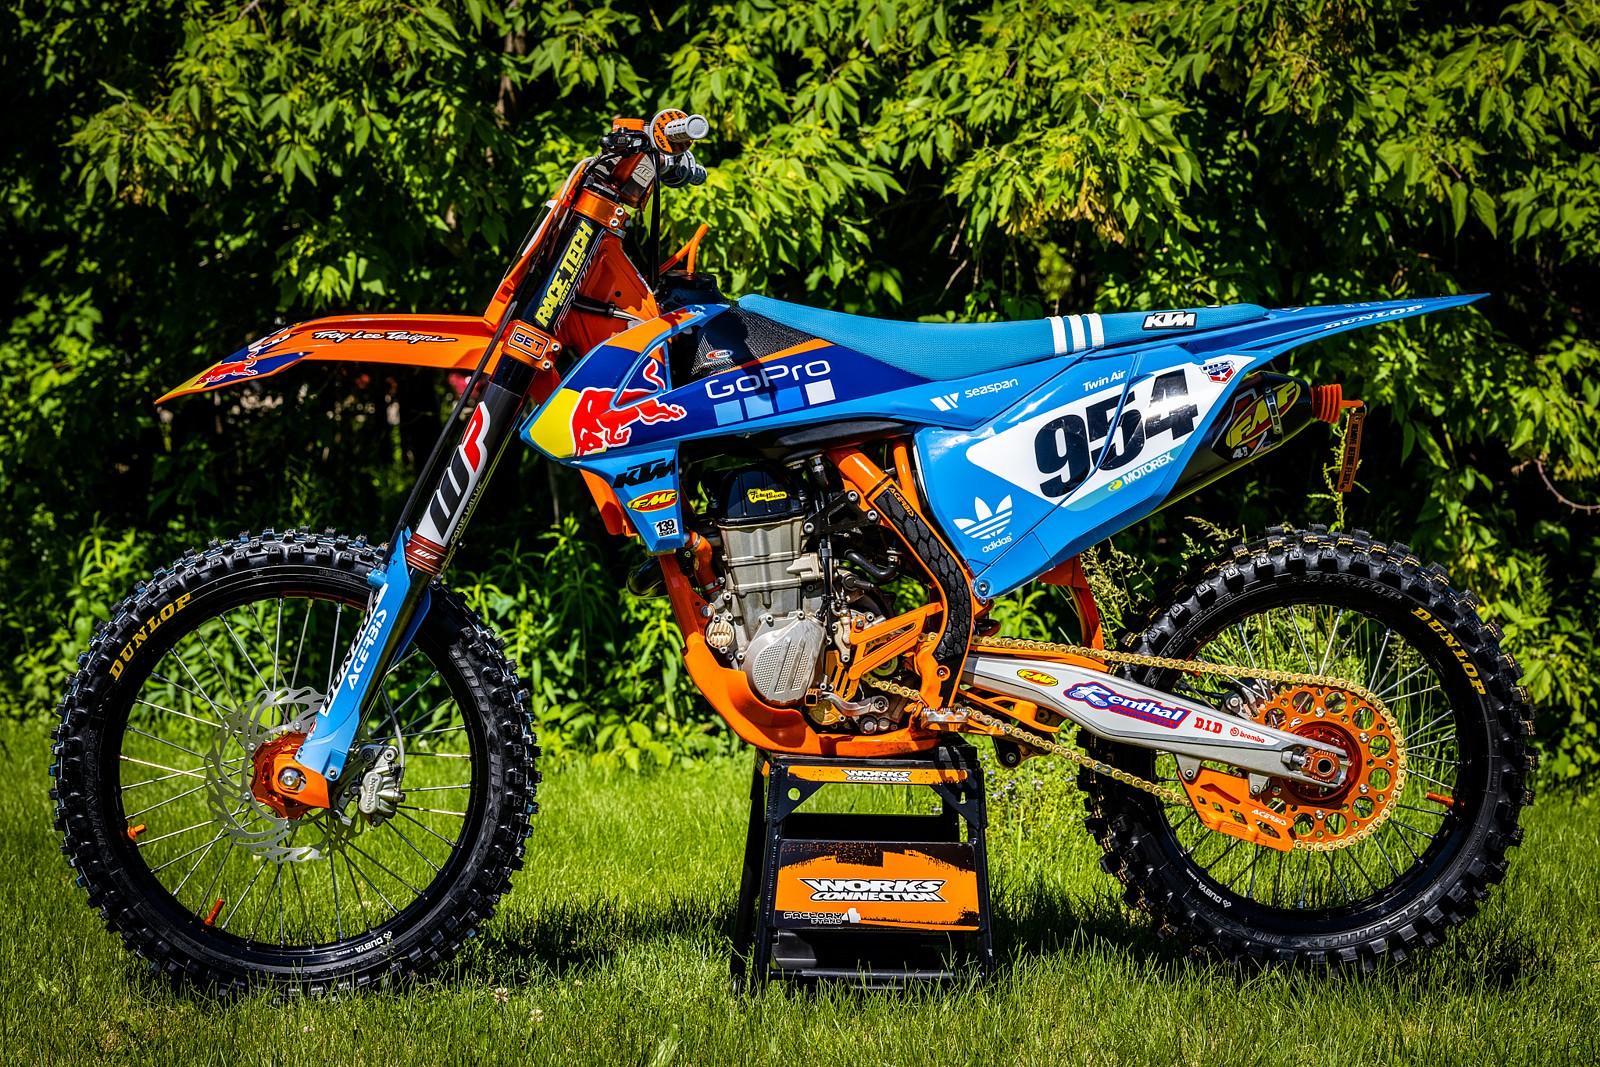 ktm 2 - GForce MMG - Motocross Pictures - Vital MX